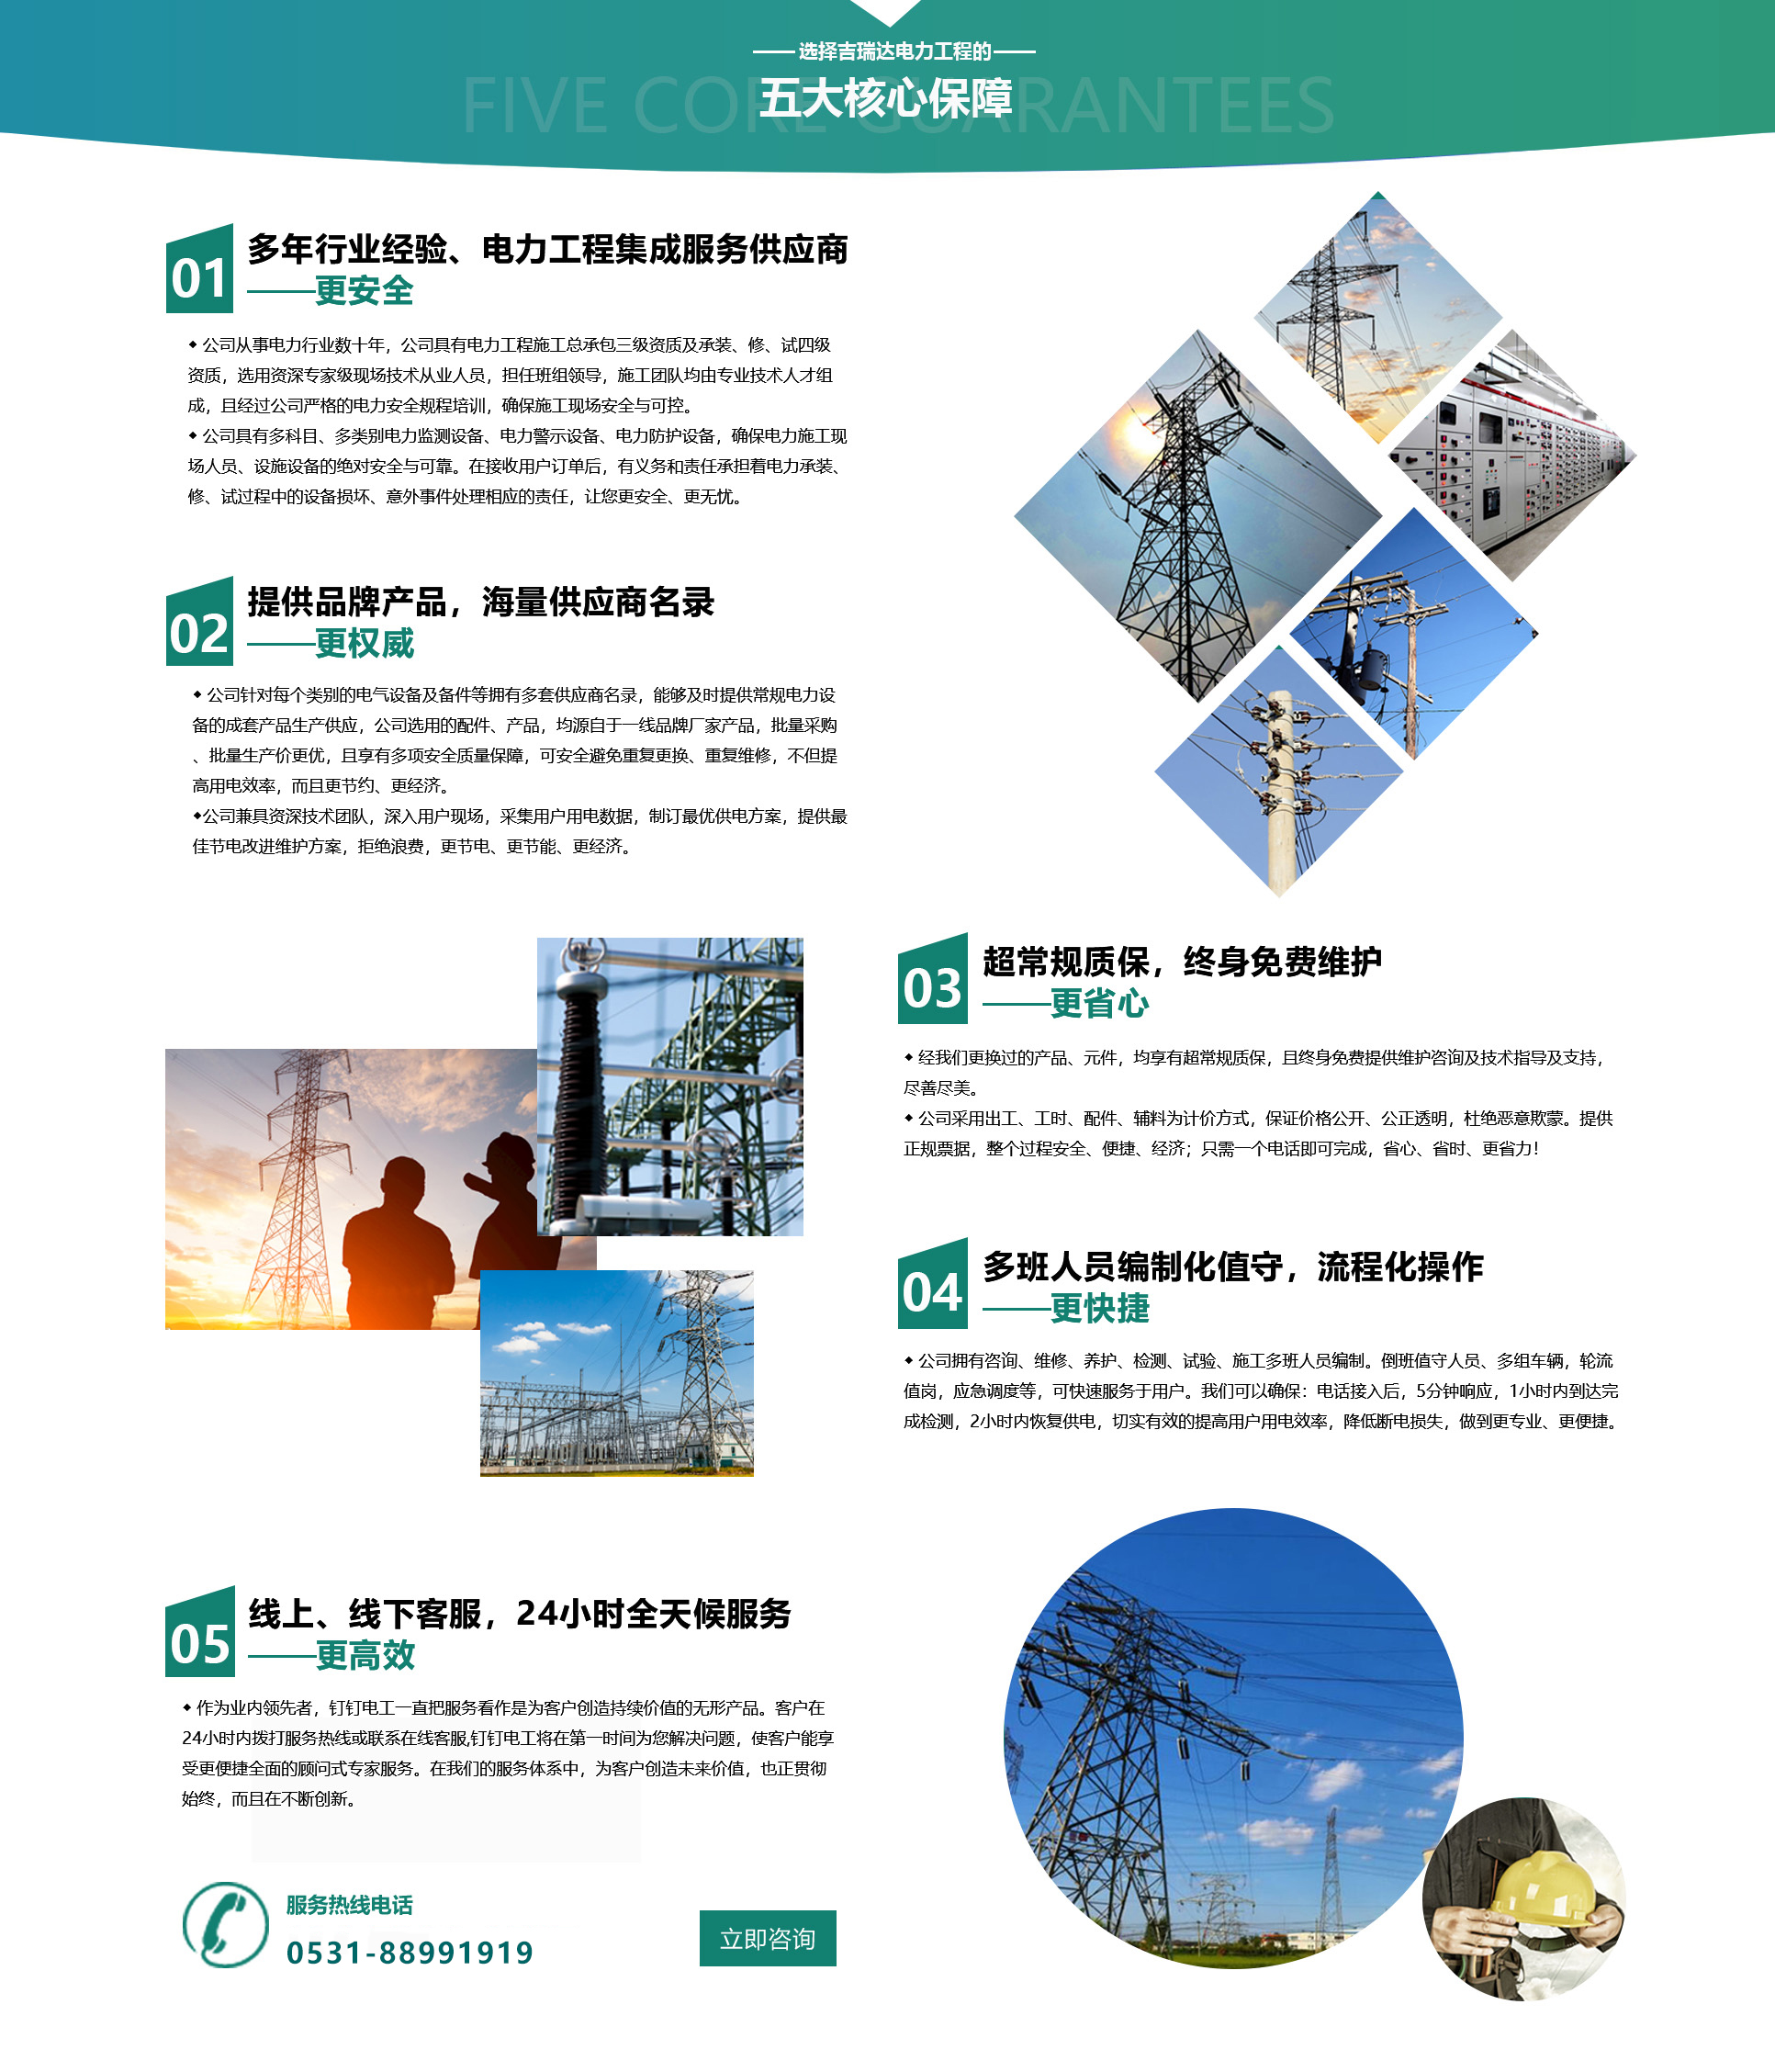 电力工程公司